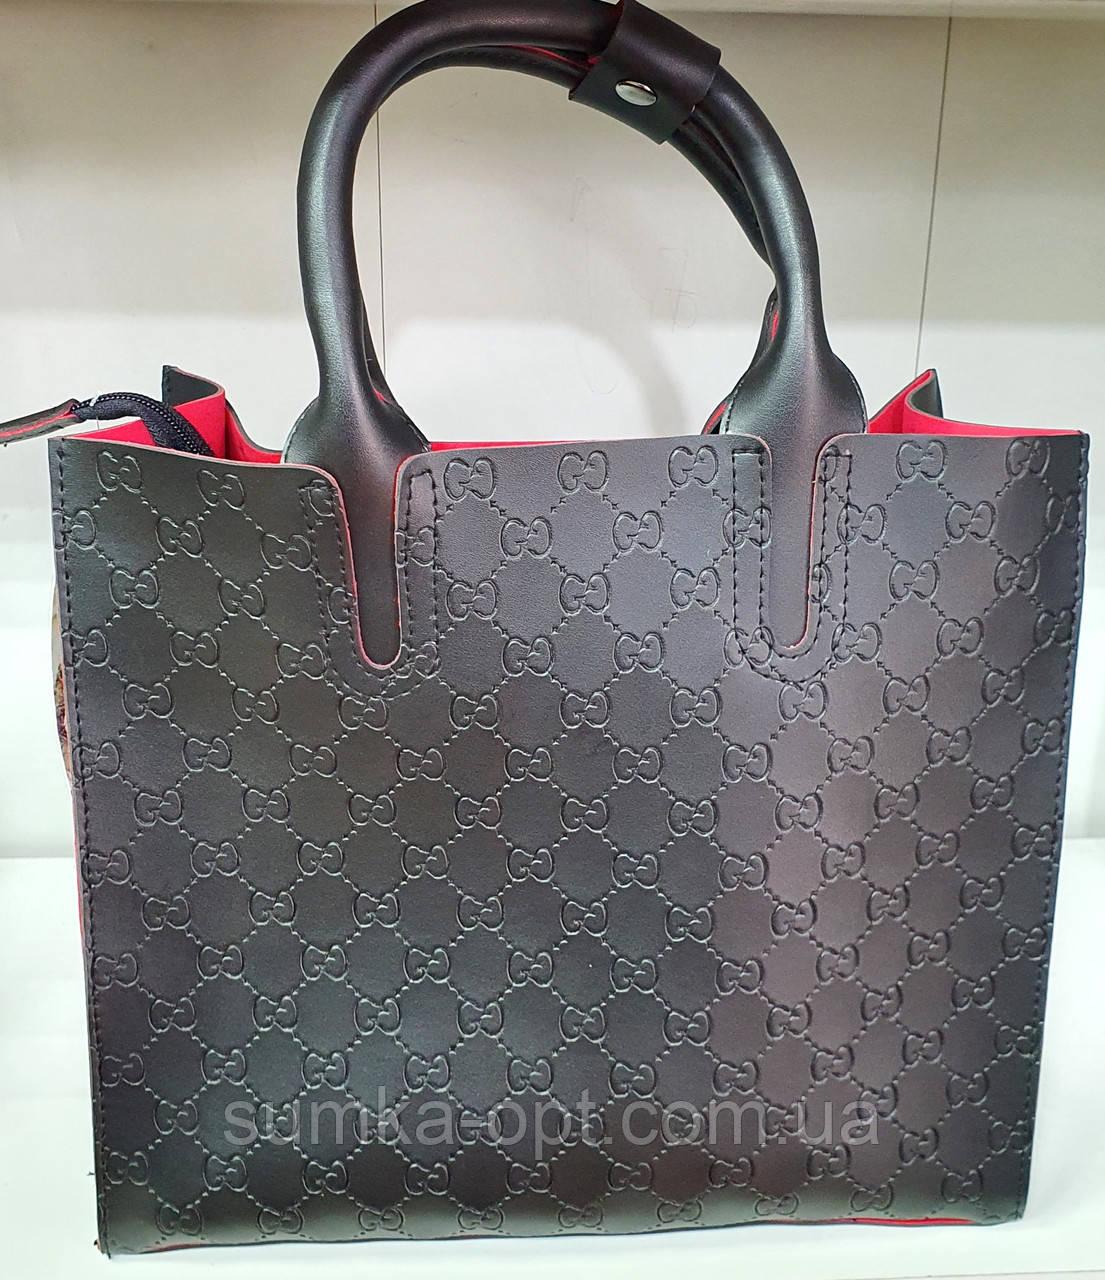 Брендова жіночий сумка Louis Vitton 32*28 см, чорна з червоним